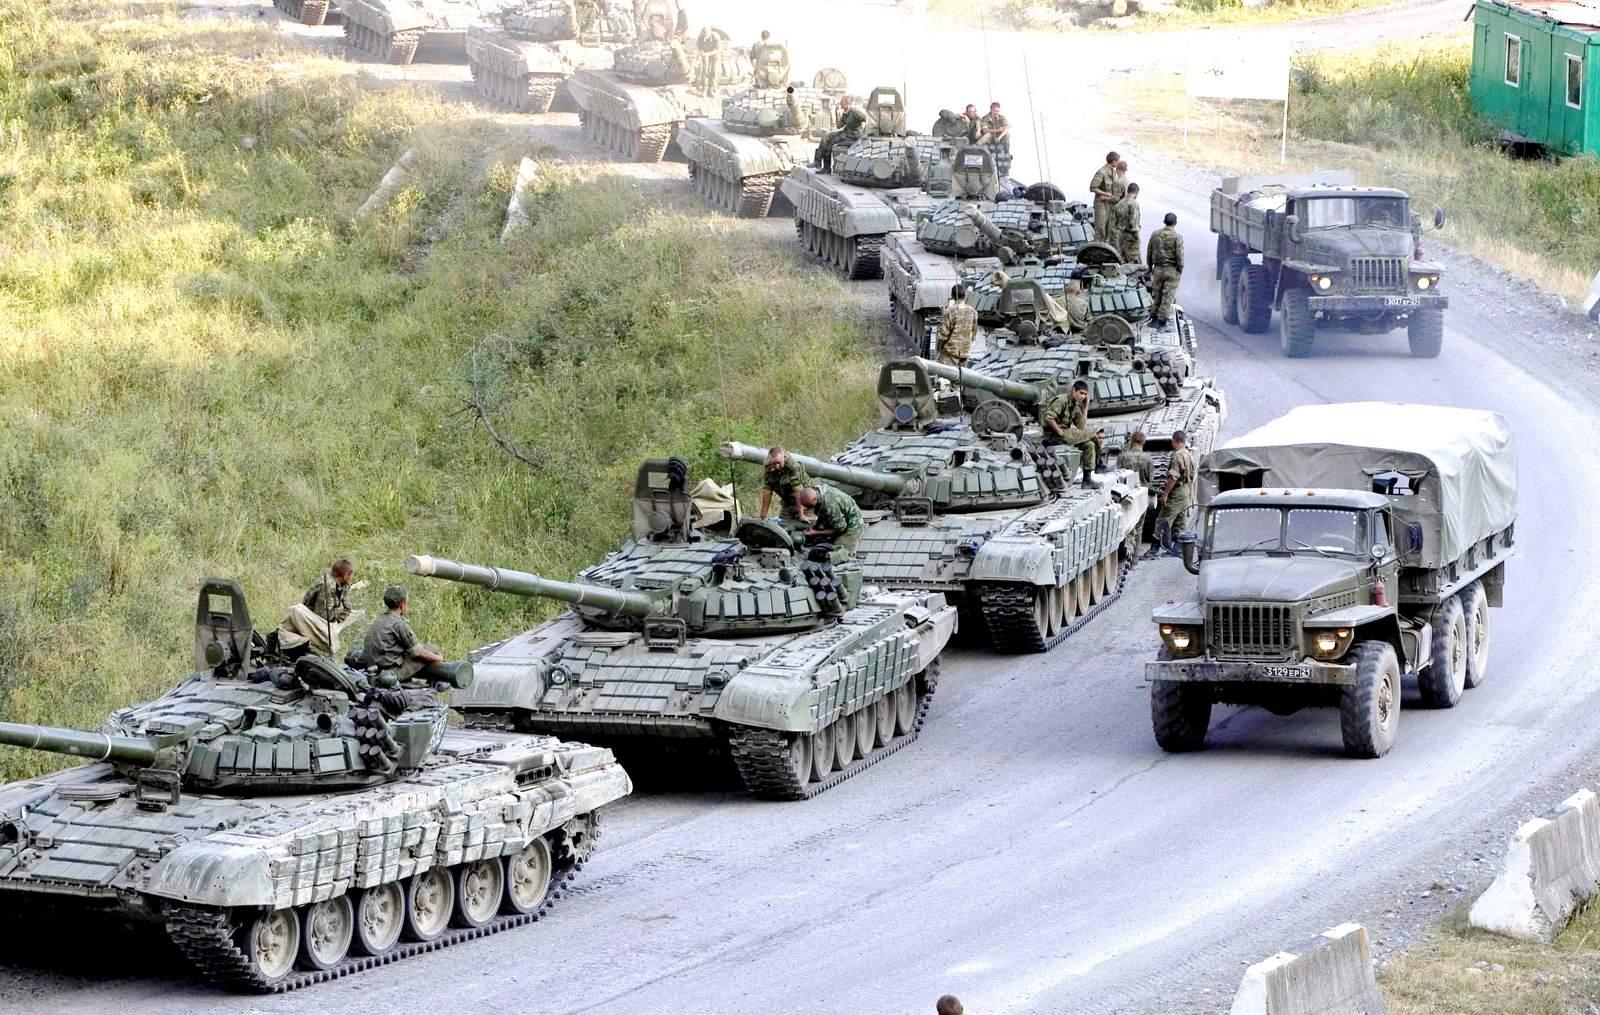 СРОЧНО! Российские видные деятели заявили: ждите танков в Киеве!